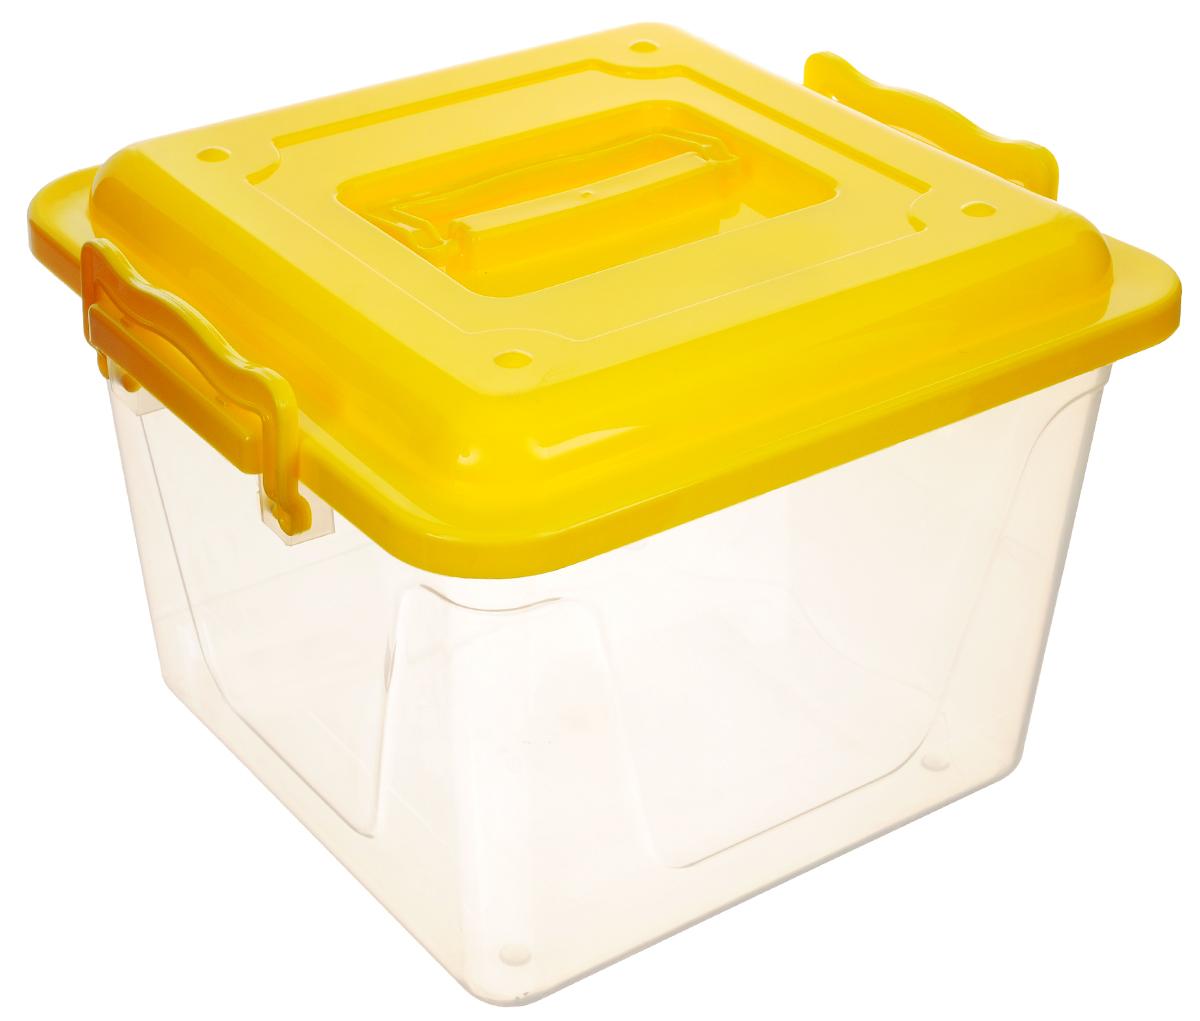 Контейнер Альтернатива, цвет: прозрачный, желтый, 8,5 лCLP446Контейнер Альтернатива прекрасно подойдет для хранения небольших игрушек, инструментов, швейных принадлежностей и многого другого. Он изготовлен из высококачественного пластика. Контейнер плотно закрывается крышкой с двумя защелками. Удобный и легкий контейнер позволит вам хранить вещи в полном порядке, а благодаря современному дизайну он впишется в любой интерьер. Контейнер имеет компактные размеры, поэтому не занимает много места.Размер (с учетом крышки): 26 х 27 х 20,5 см.